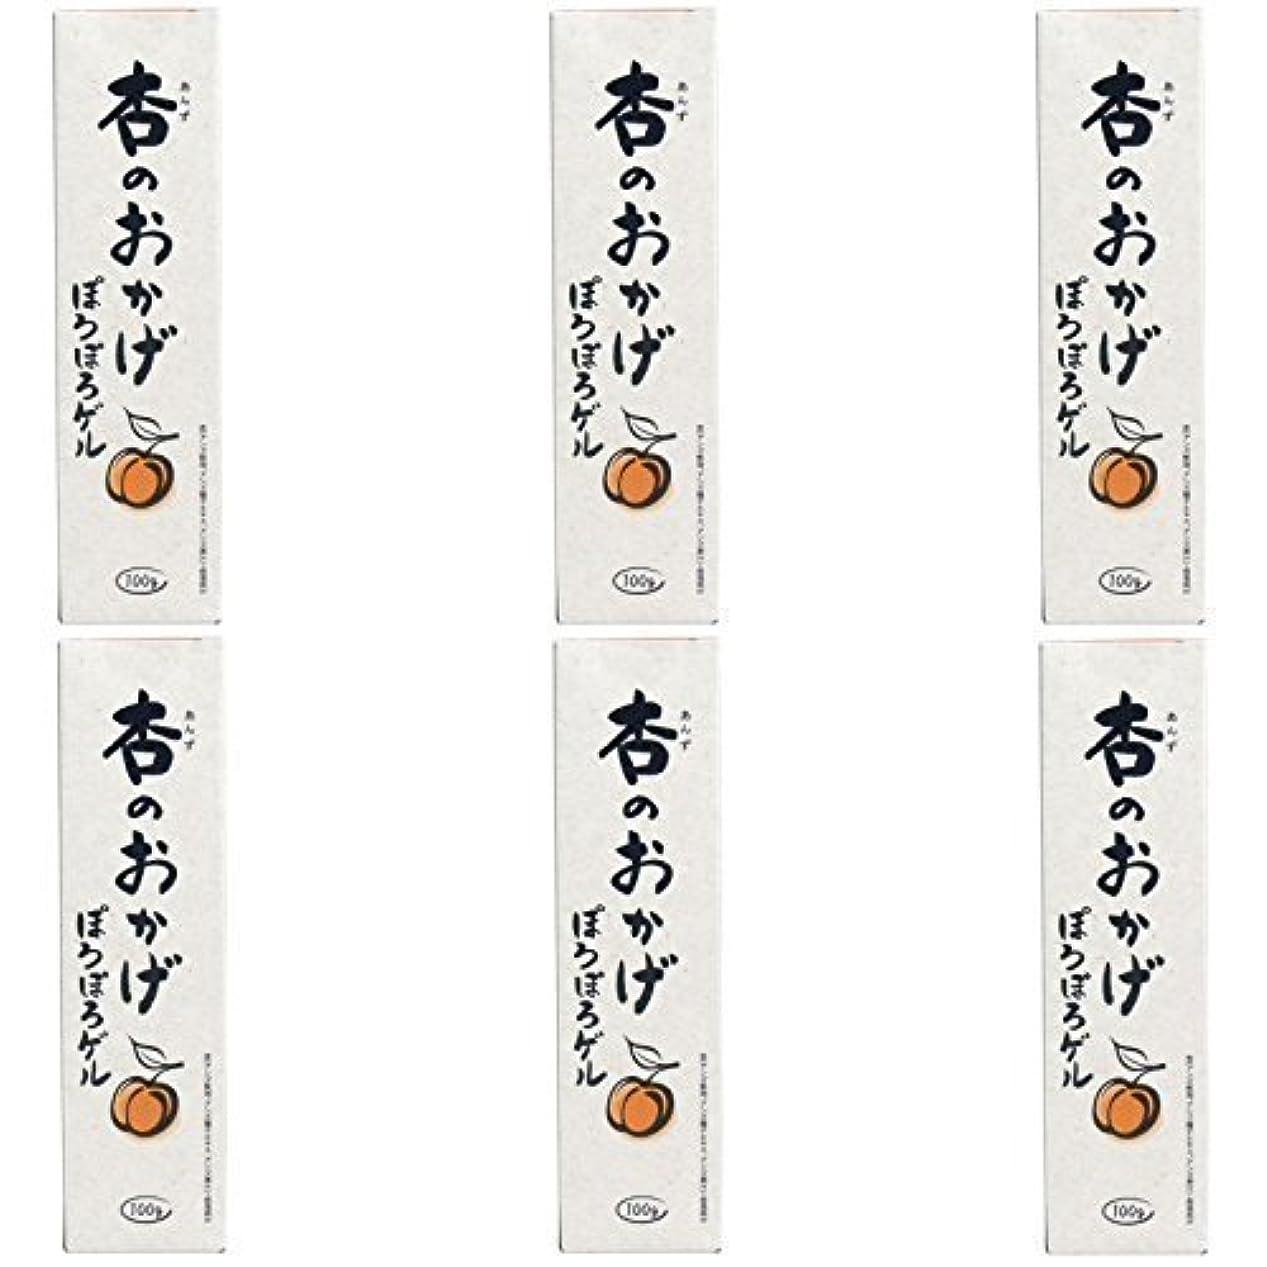 ソビエト方法城【まとめ買い】杏のおかげ ぽろぽろゲル 100g【×6個】